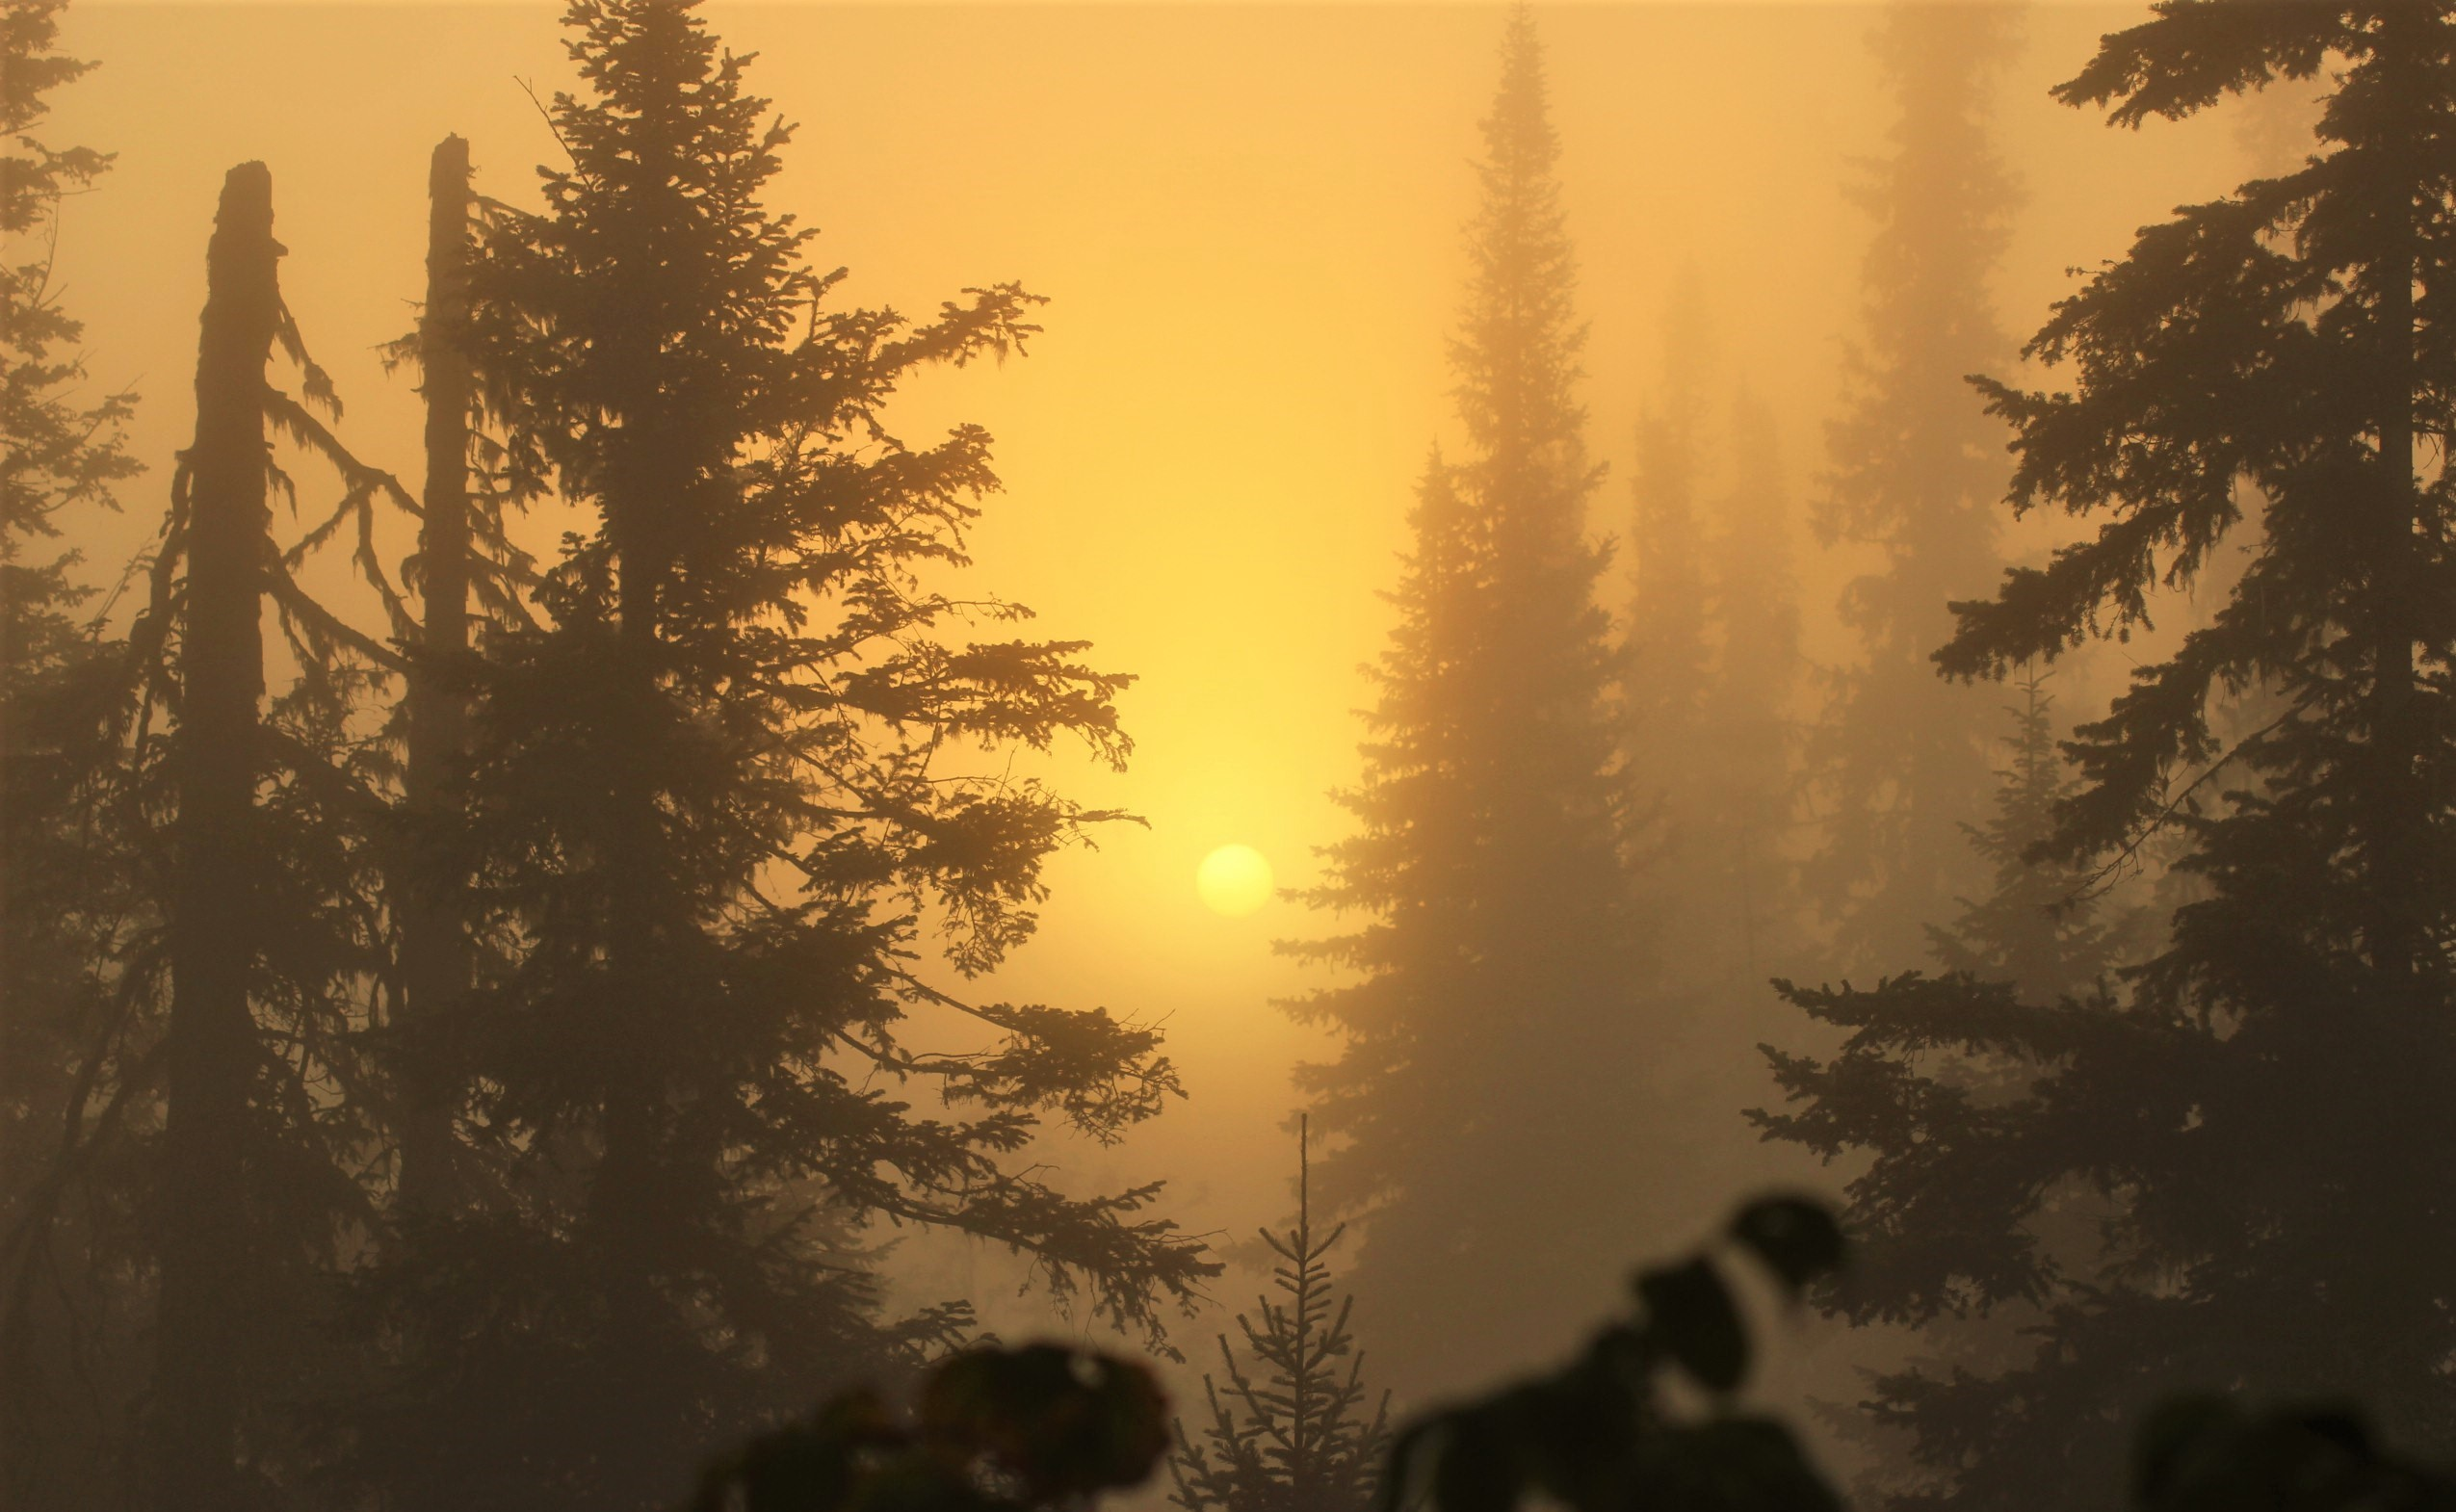 В густой пелене тумана